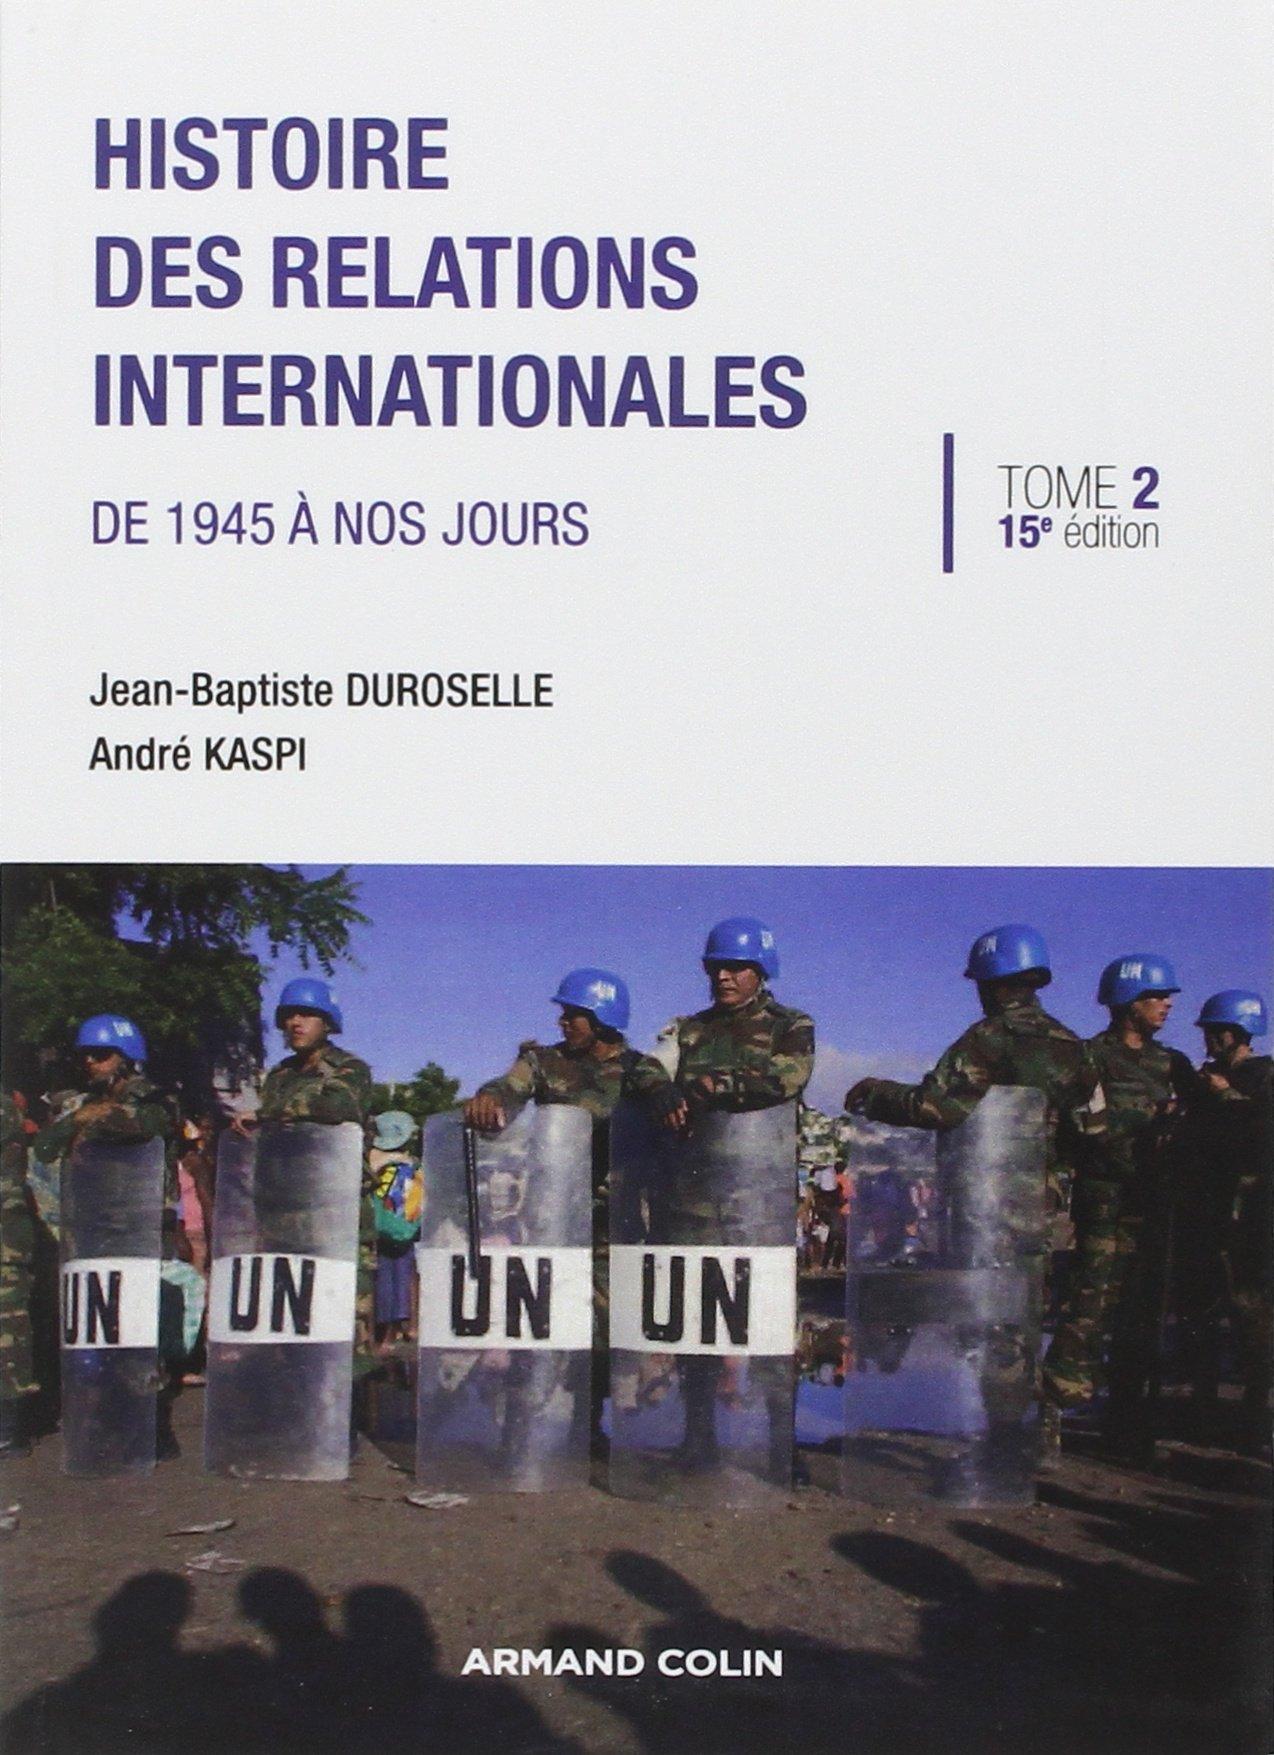 Histoire des relations internationales : Tome 2, De 1945 à nos jours